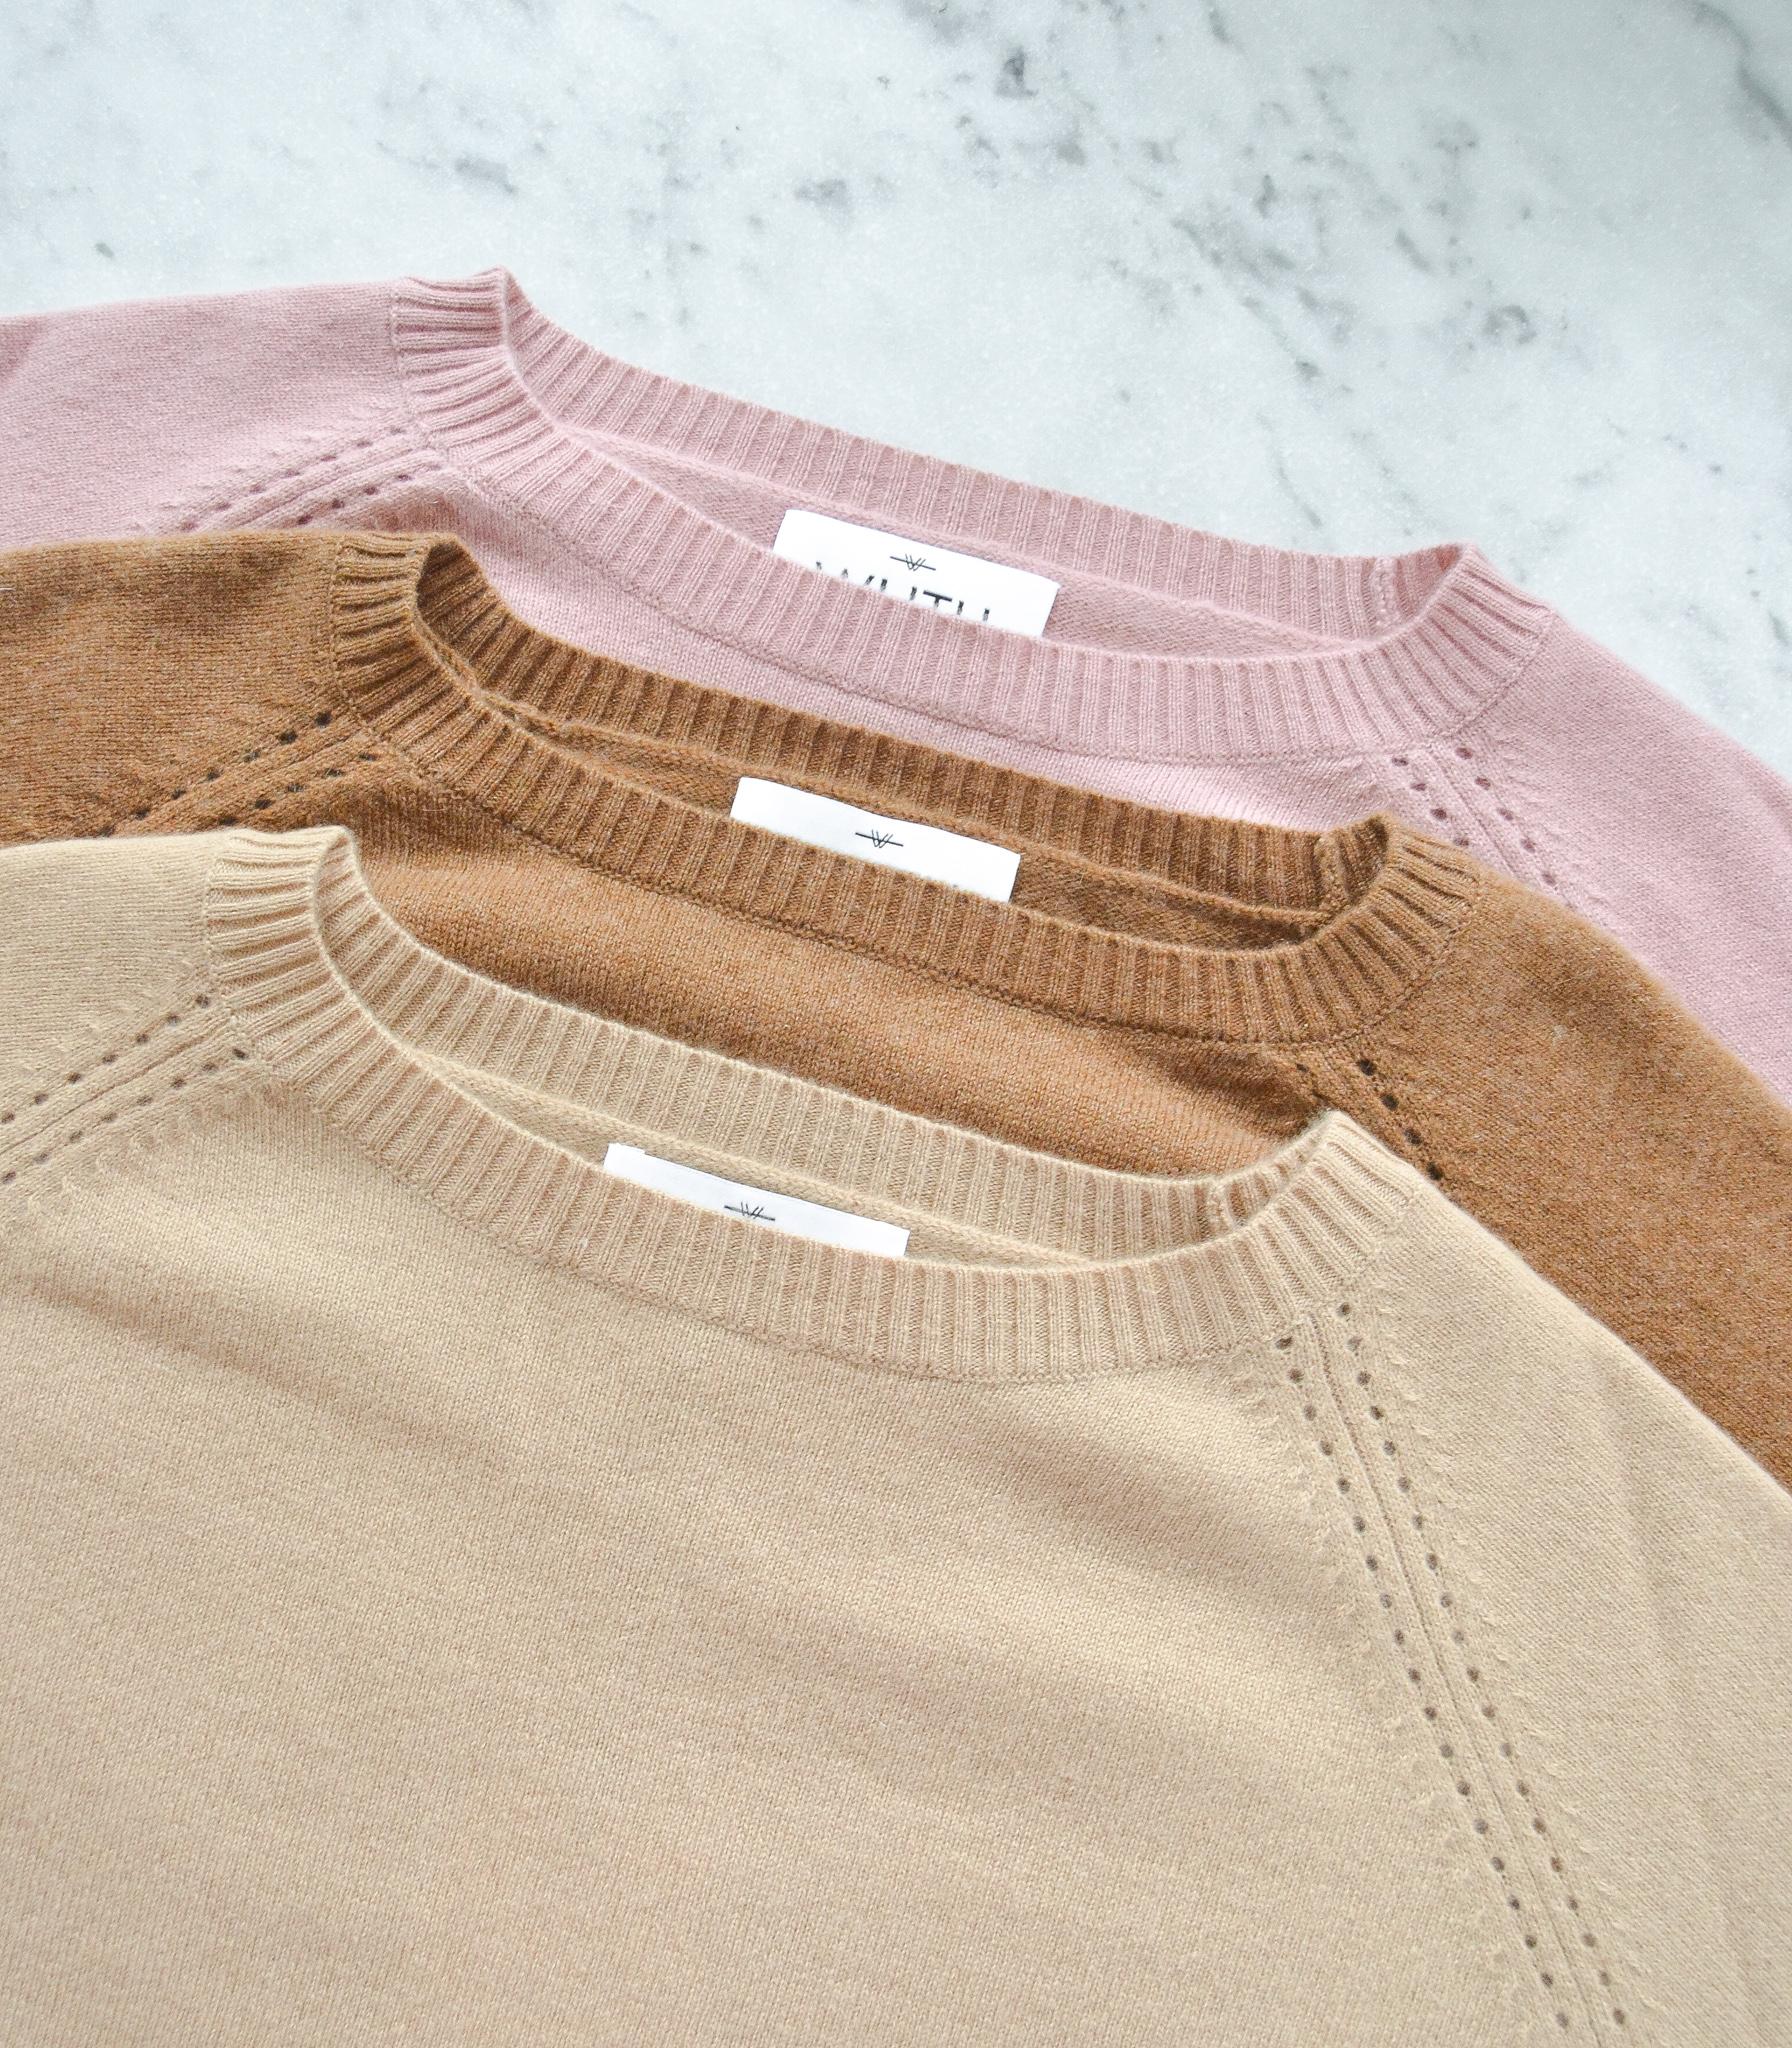 Pearl Pullover i 100% premium cashmere fra det danske brand Wuth Cashmere. Blødeste cashmere bluse i en cool pink farve.